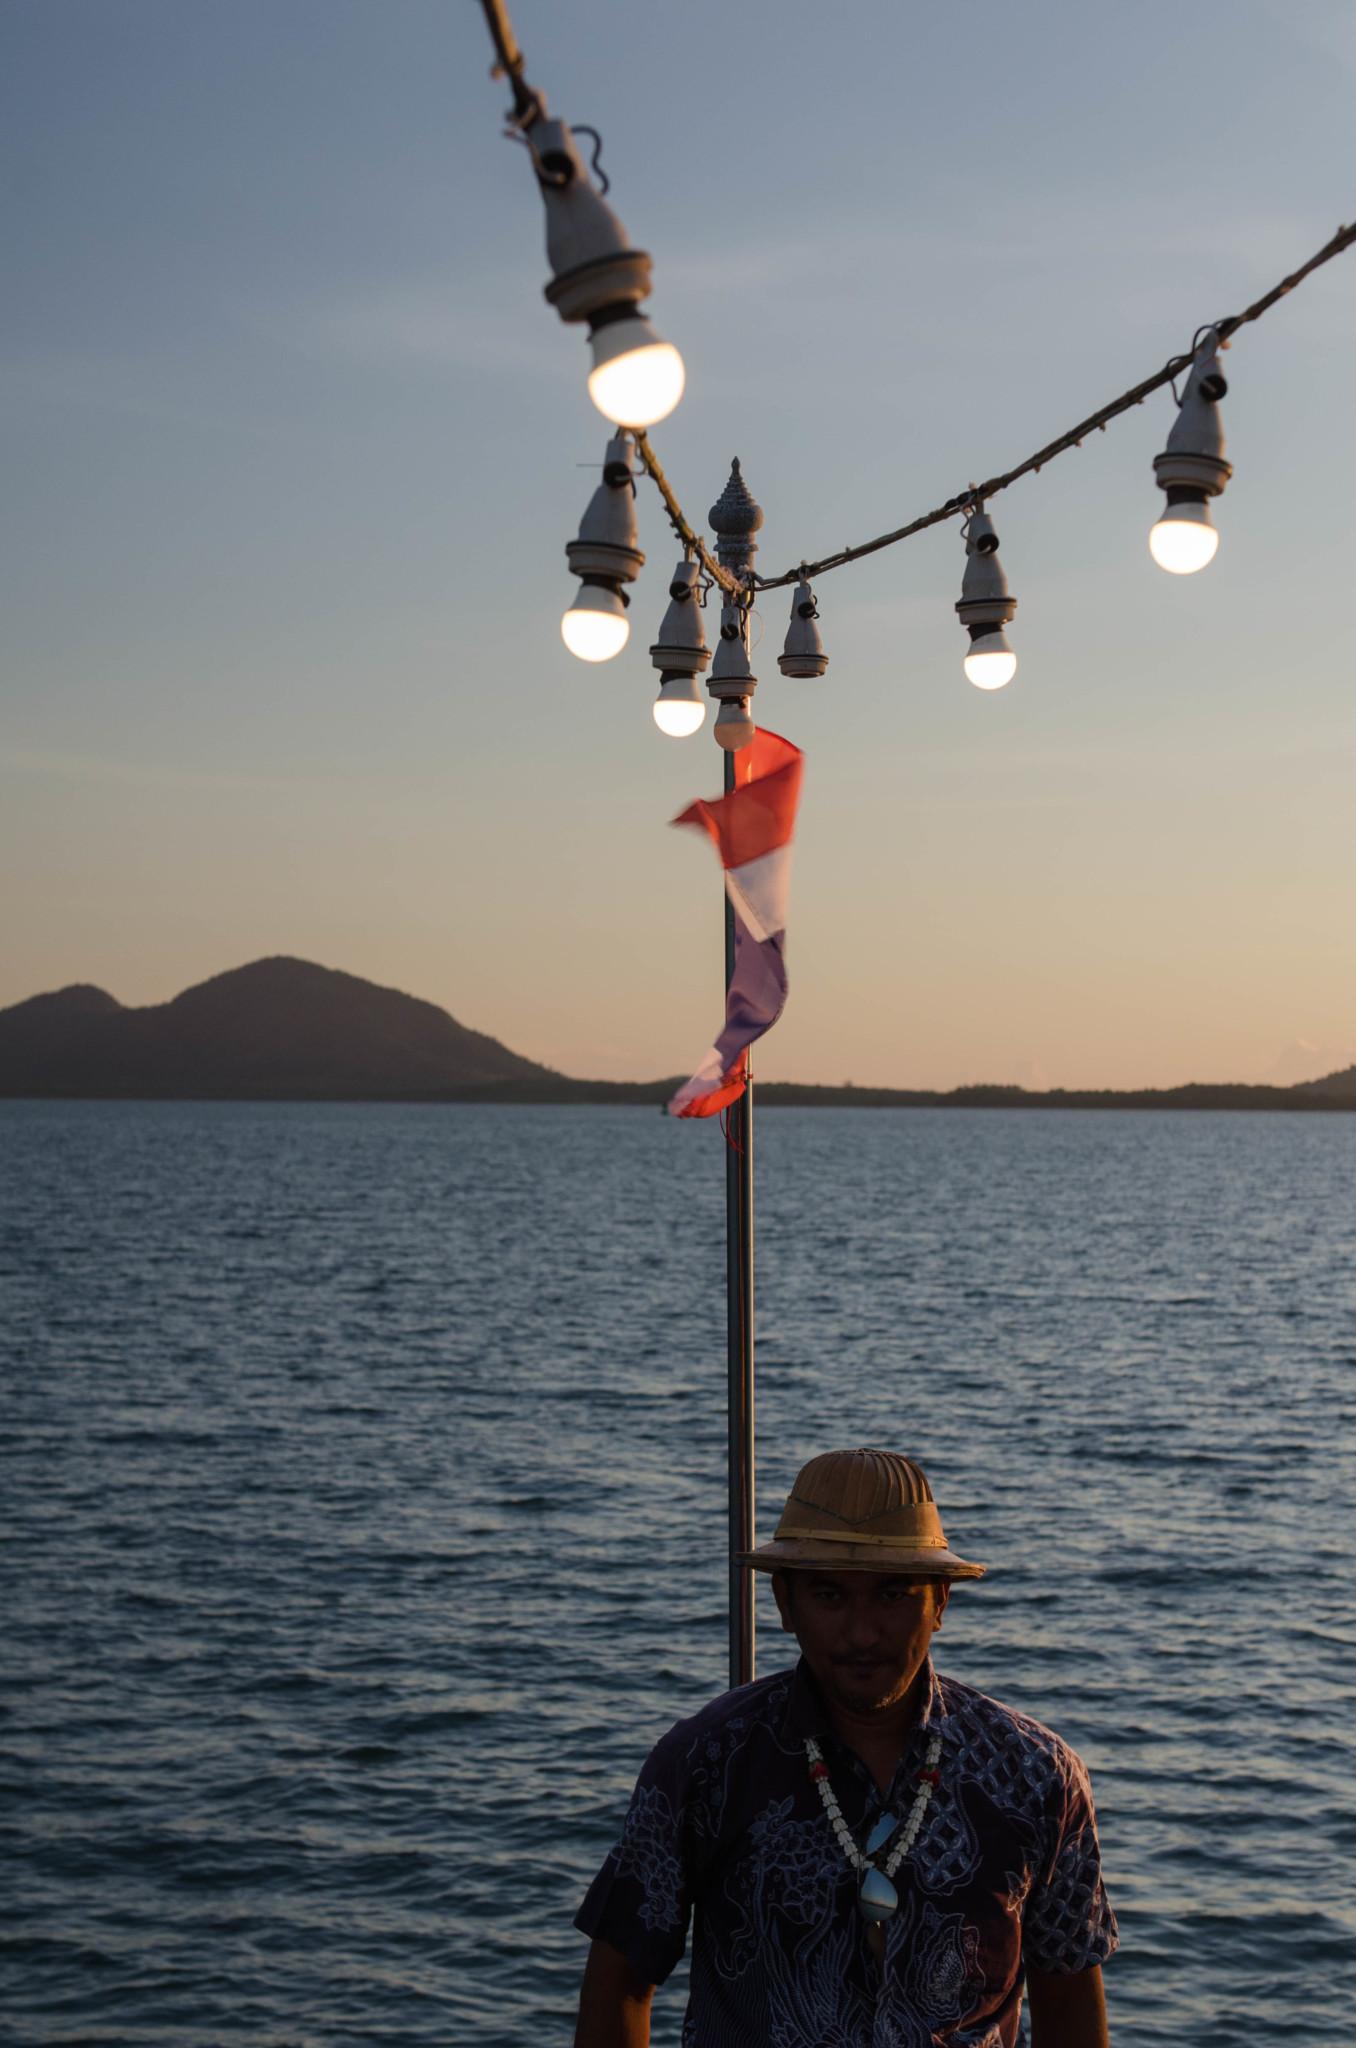 Sonnenuntergang auf dem Schiff von Ranong nach Myanmar